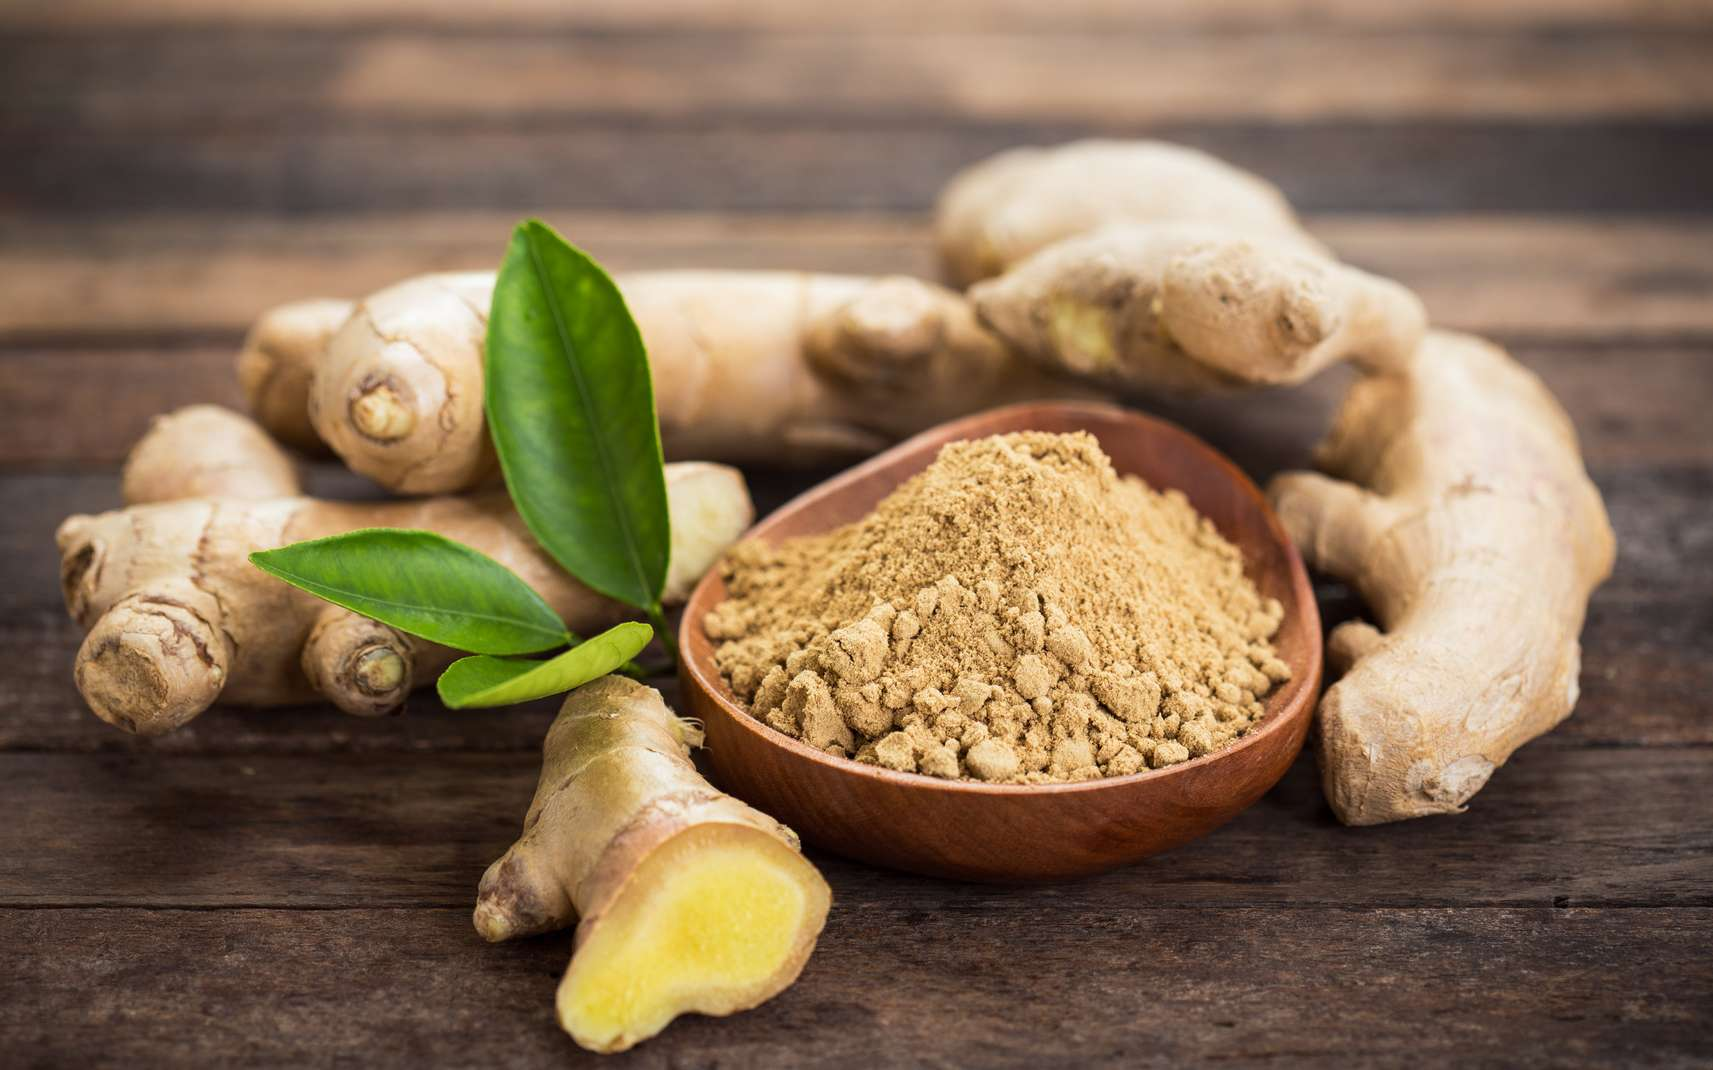 Le gingembre a de nombreuses vertus sur la santé. Vous pouvez le consommer réduit en poudre. © pilipphoto, Fotolia